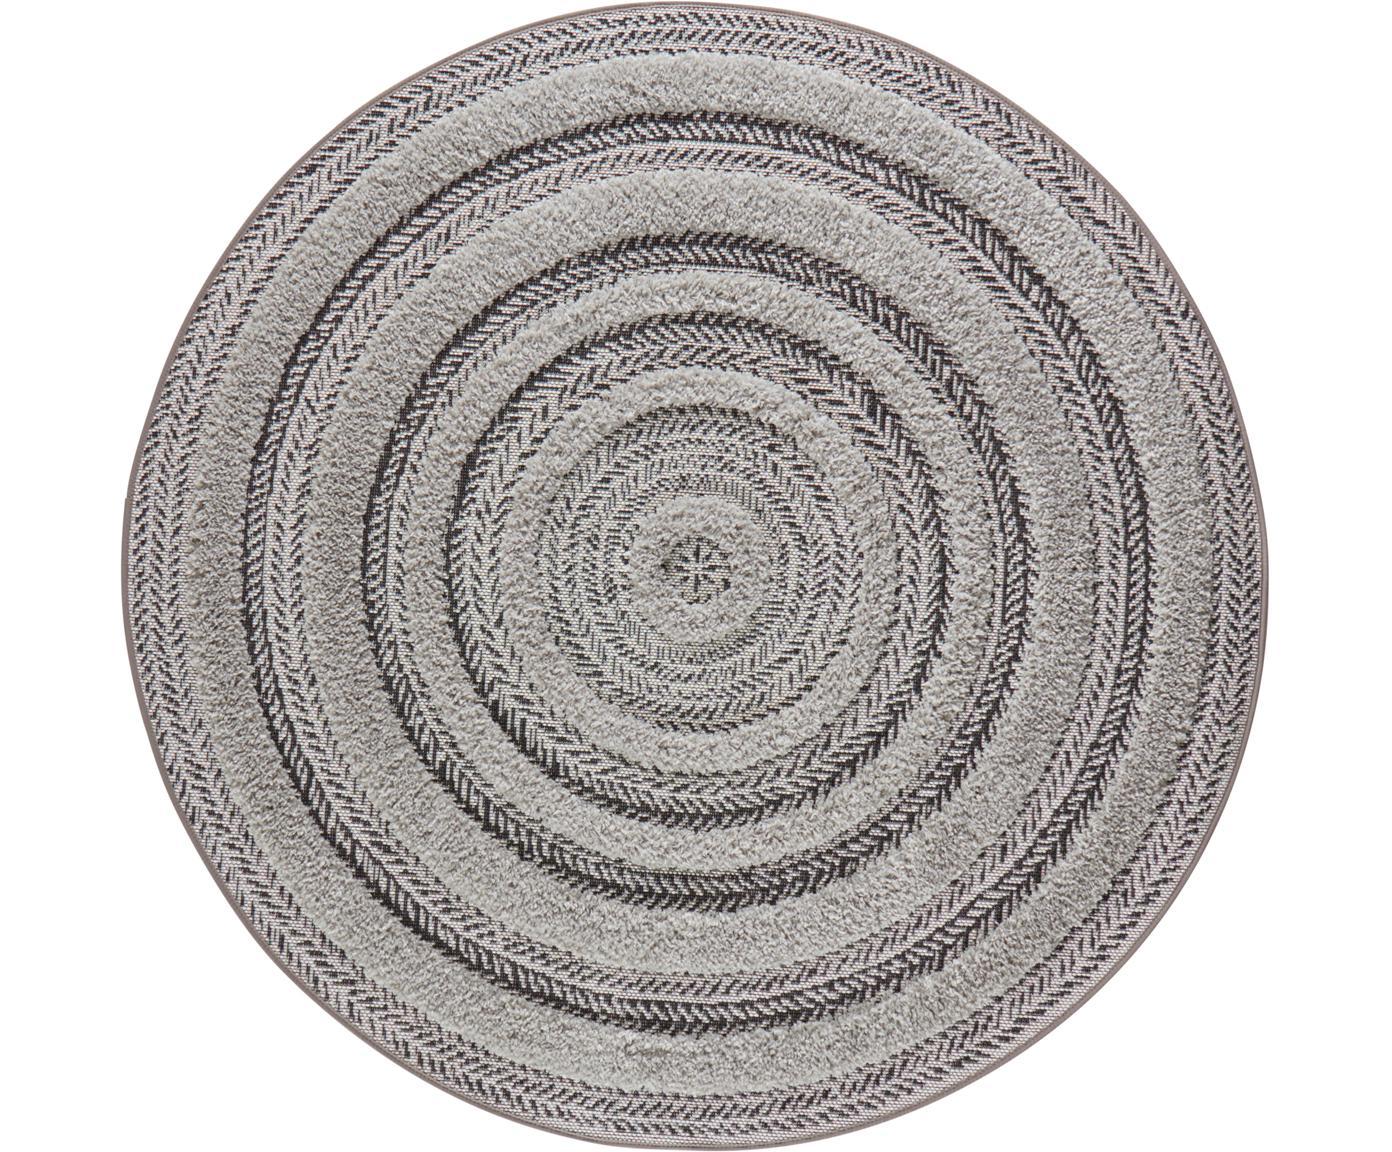 Okrągły dywan wewnętrzny/zewnętrzny Nador, Antracytowy, szary, Ø 160 cm (Rozmiar L)